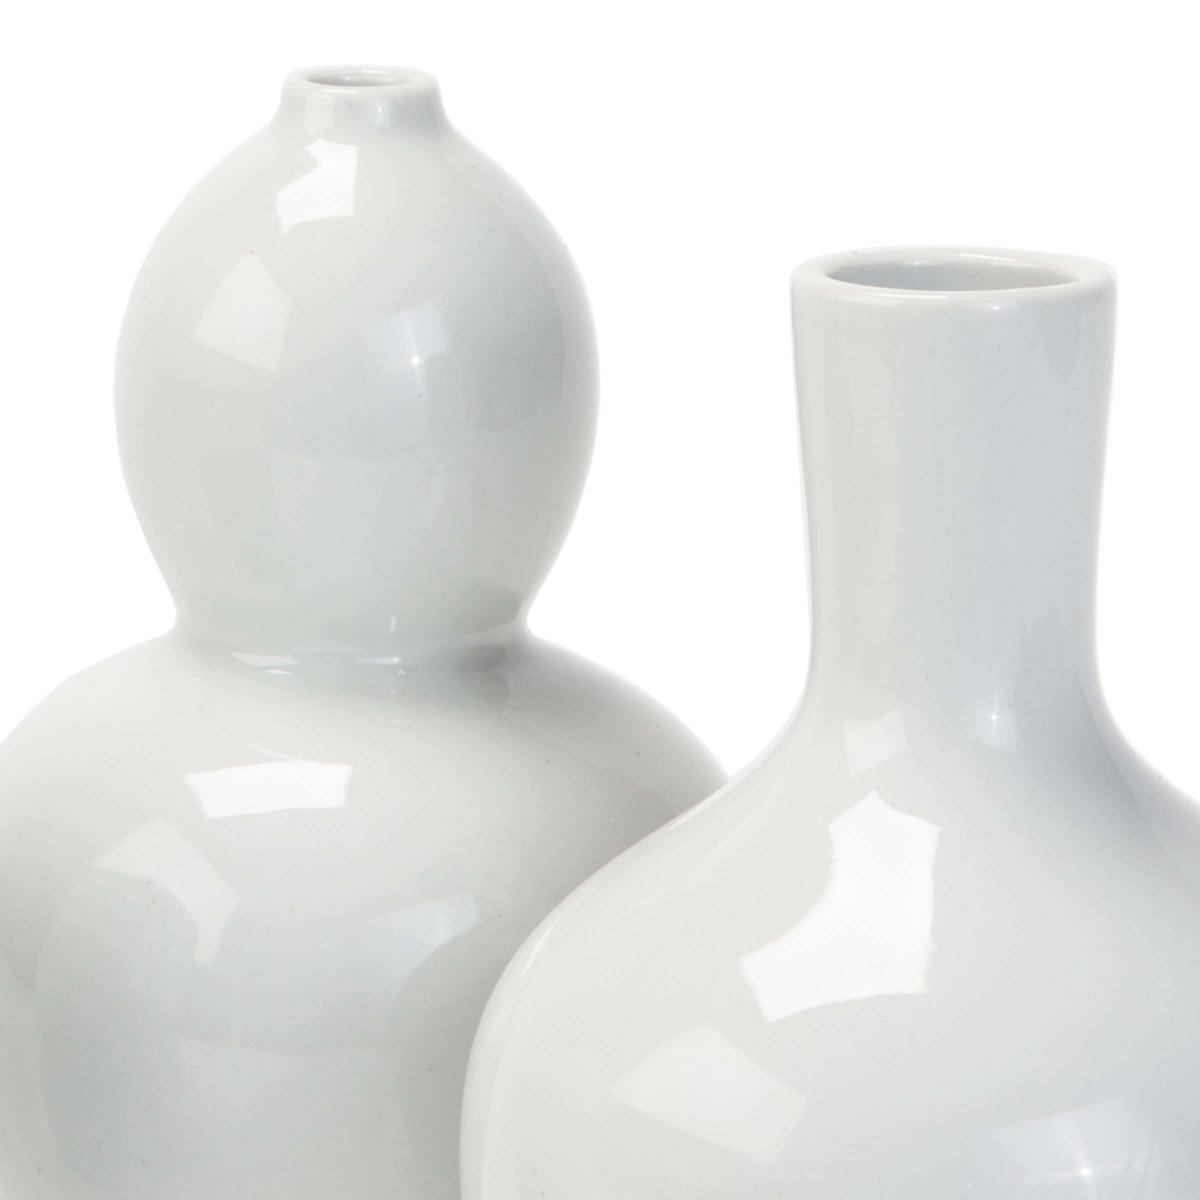 Alvia Ceramic Vases Set